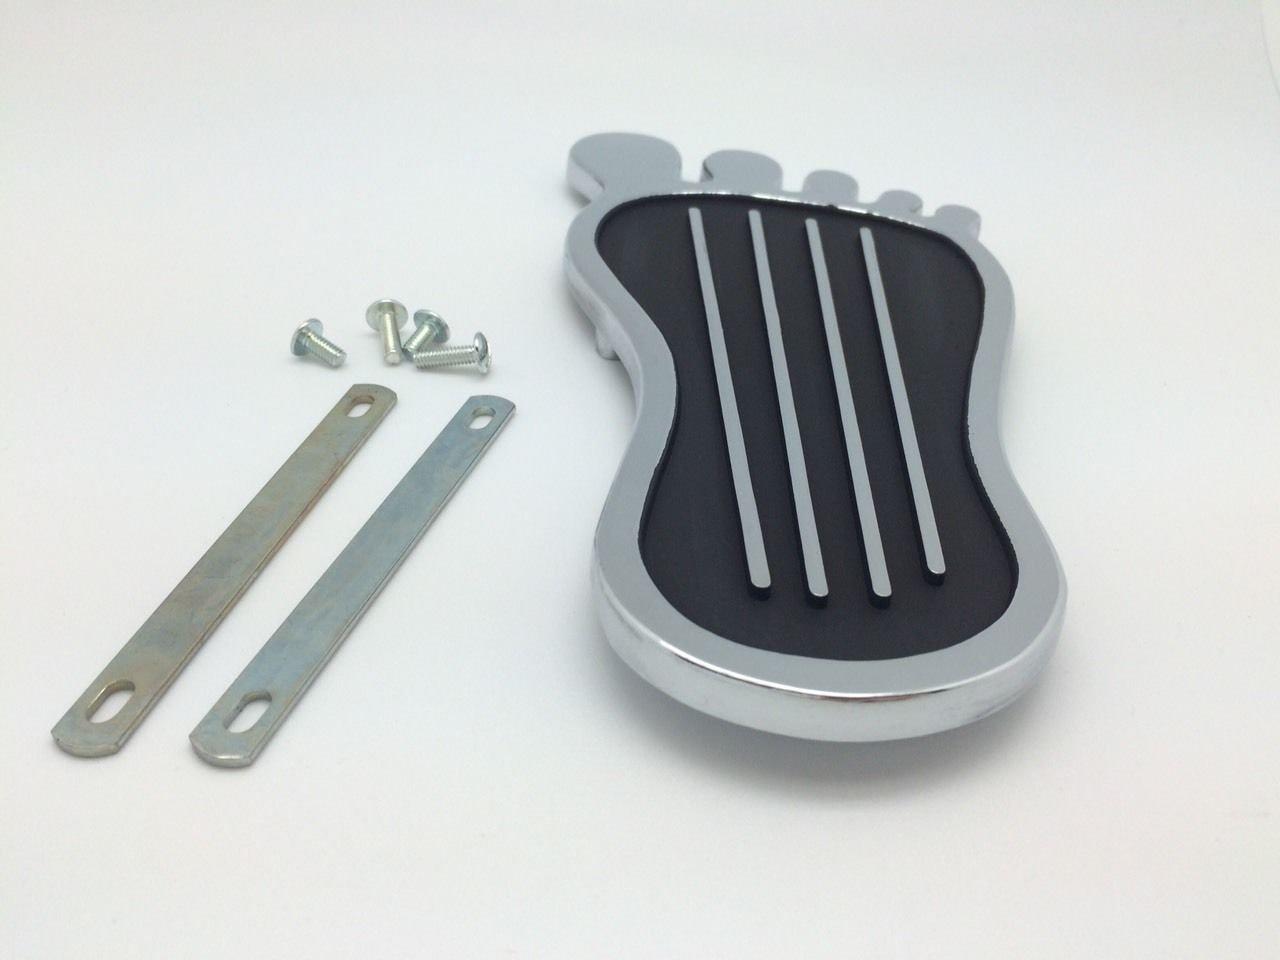 1 acceleratore Foot Stile a Piedi Nudi del Pedale del Gas Pad Copertura Hot Rod Rat Cromato Personalizzato